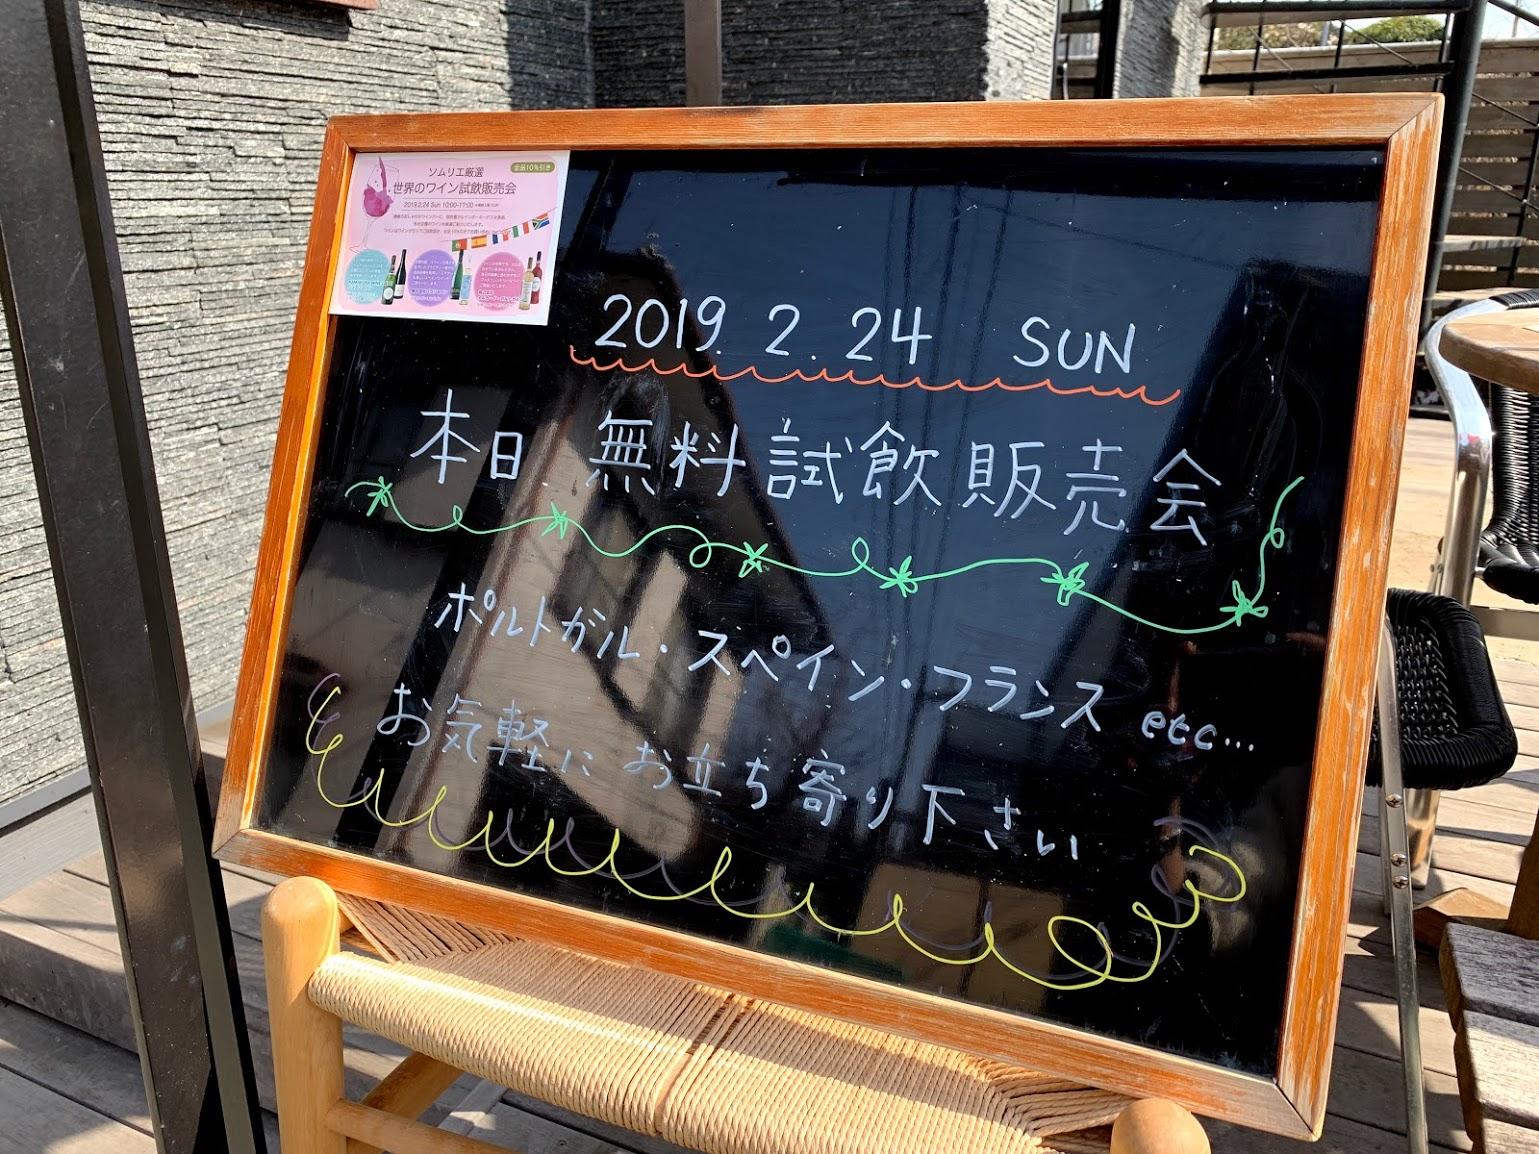 鎌倉のワインバーで試飲販売会!